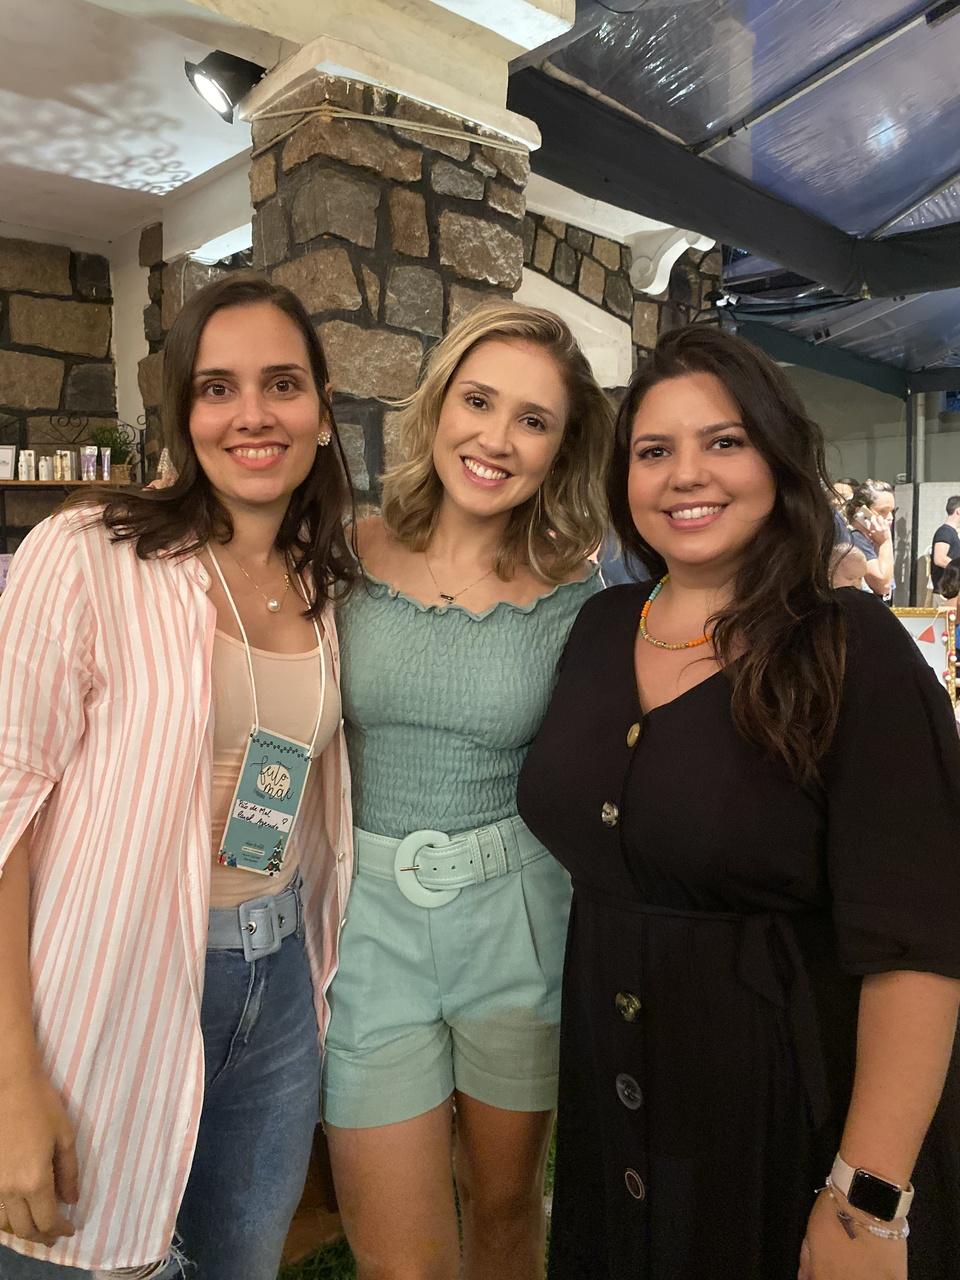 Carol Azeredo, Thanandra Torres e Lara Callegari em evento de natal. Foto: Divulgação